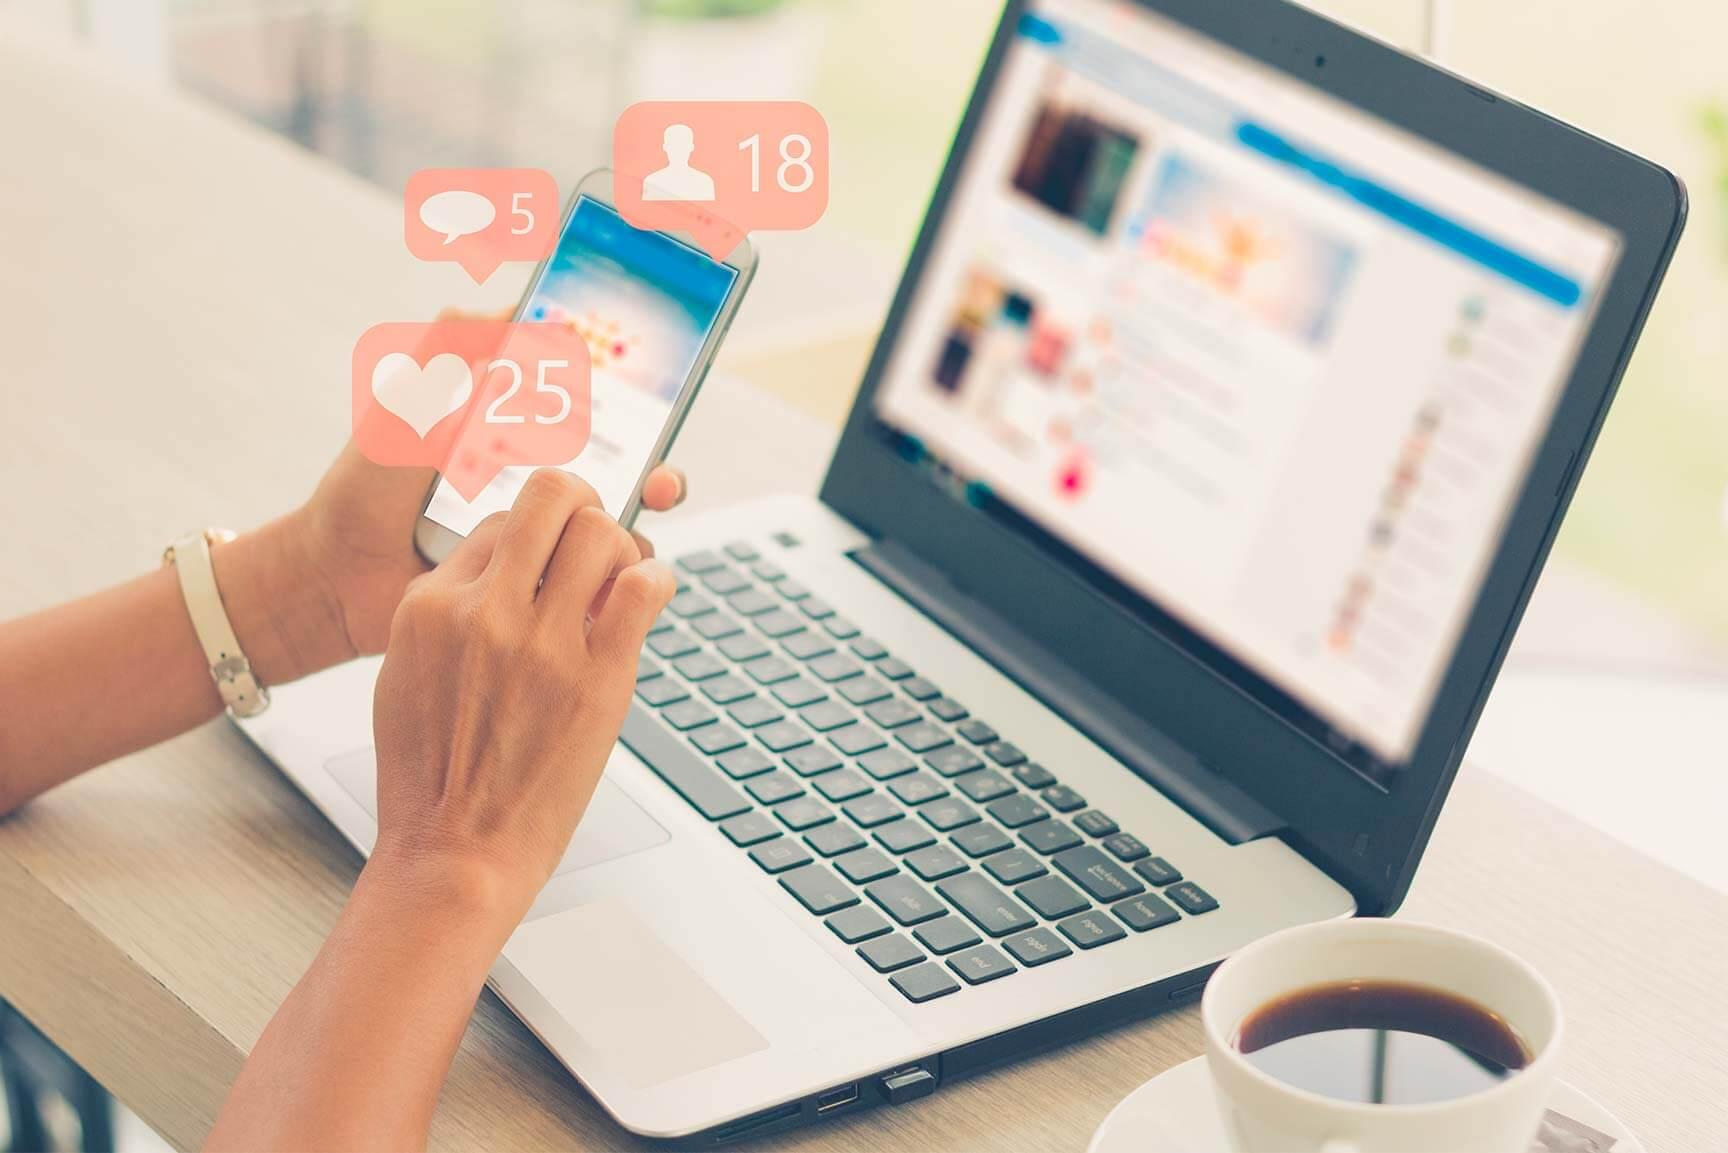 Las redes sociales cambiaronnuestra forma de vivir